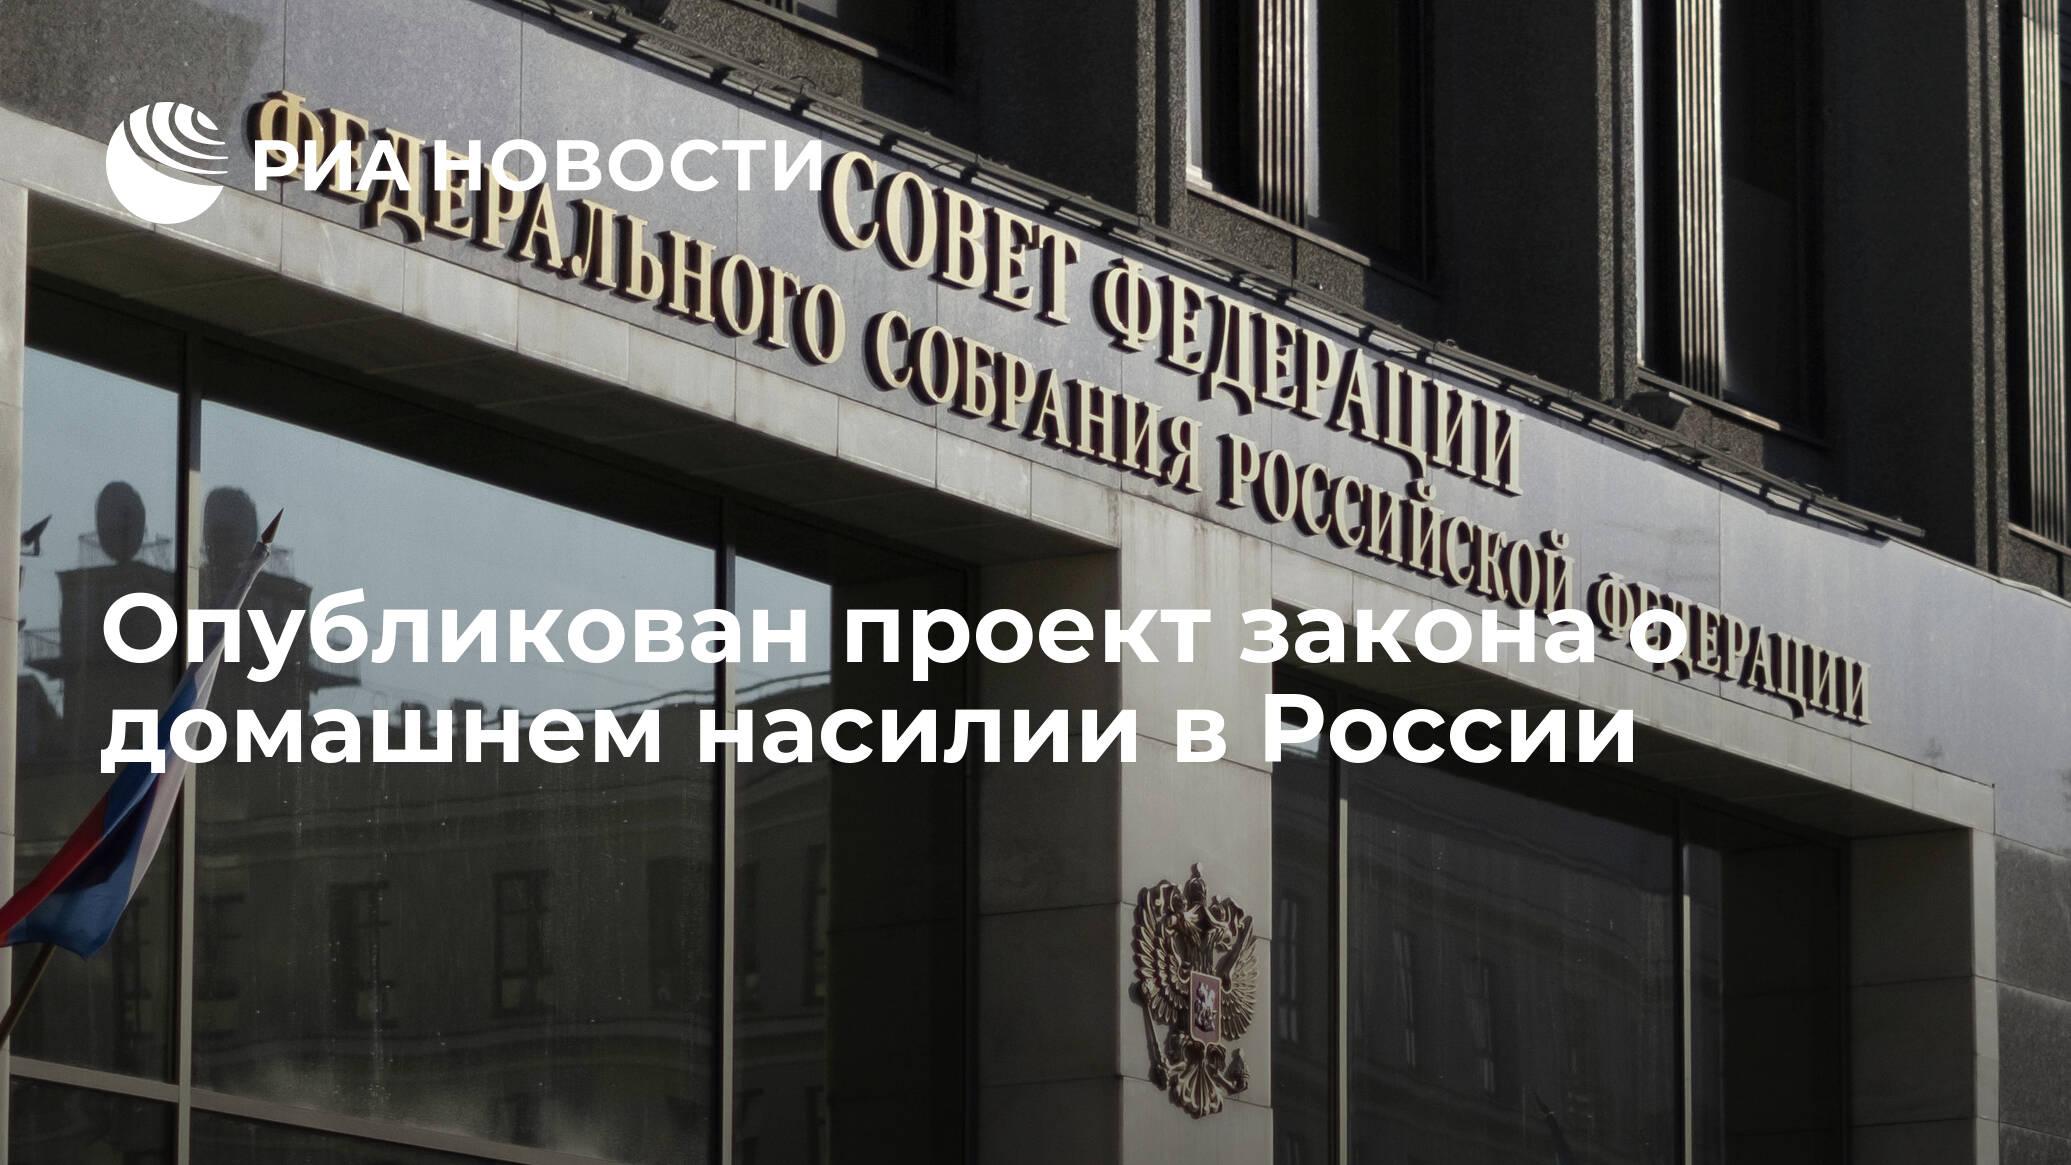 Опубликован проект закона о домашнем насилии в России